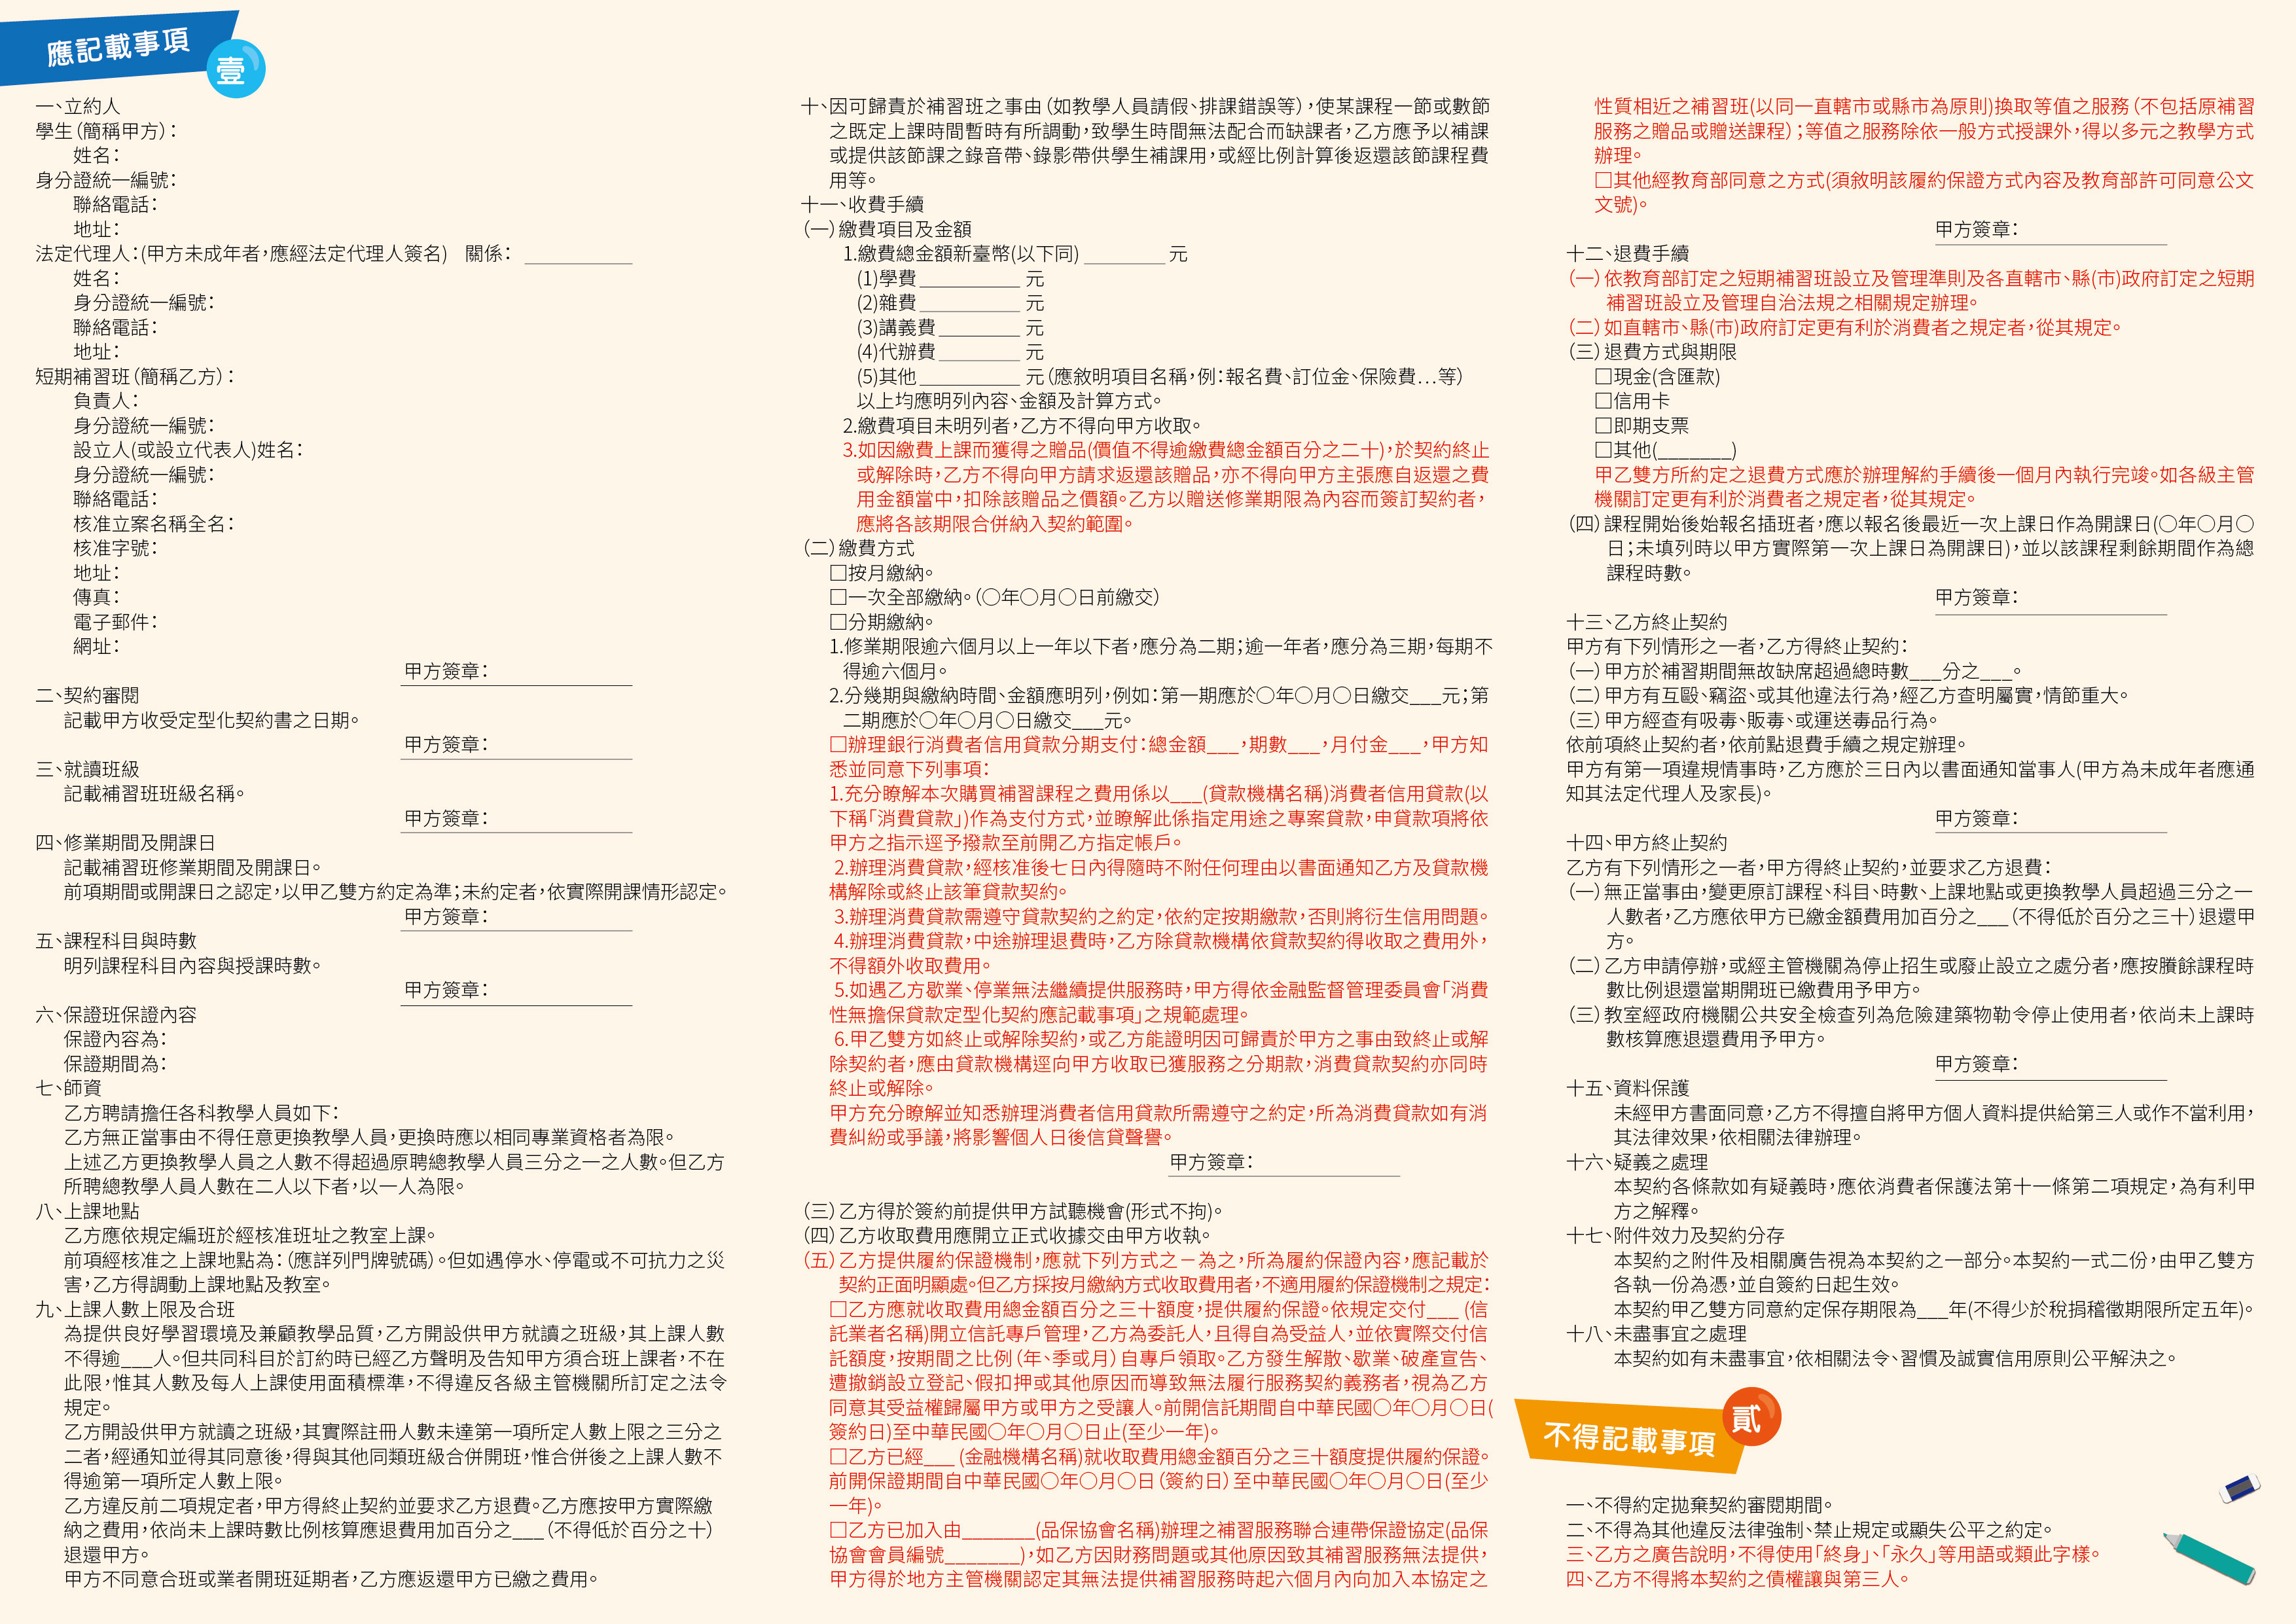 (開新視窗)短期補習班定型化契約宣導海報及宣傳文宣附件檔案(3)下載(jpg)